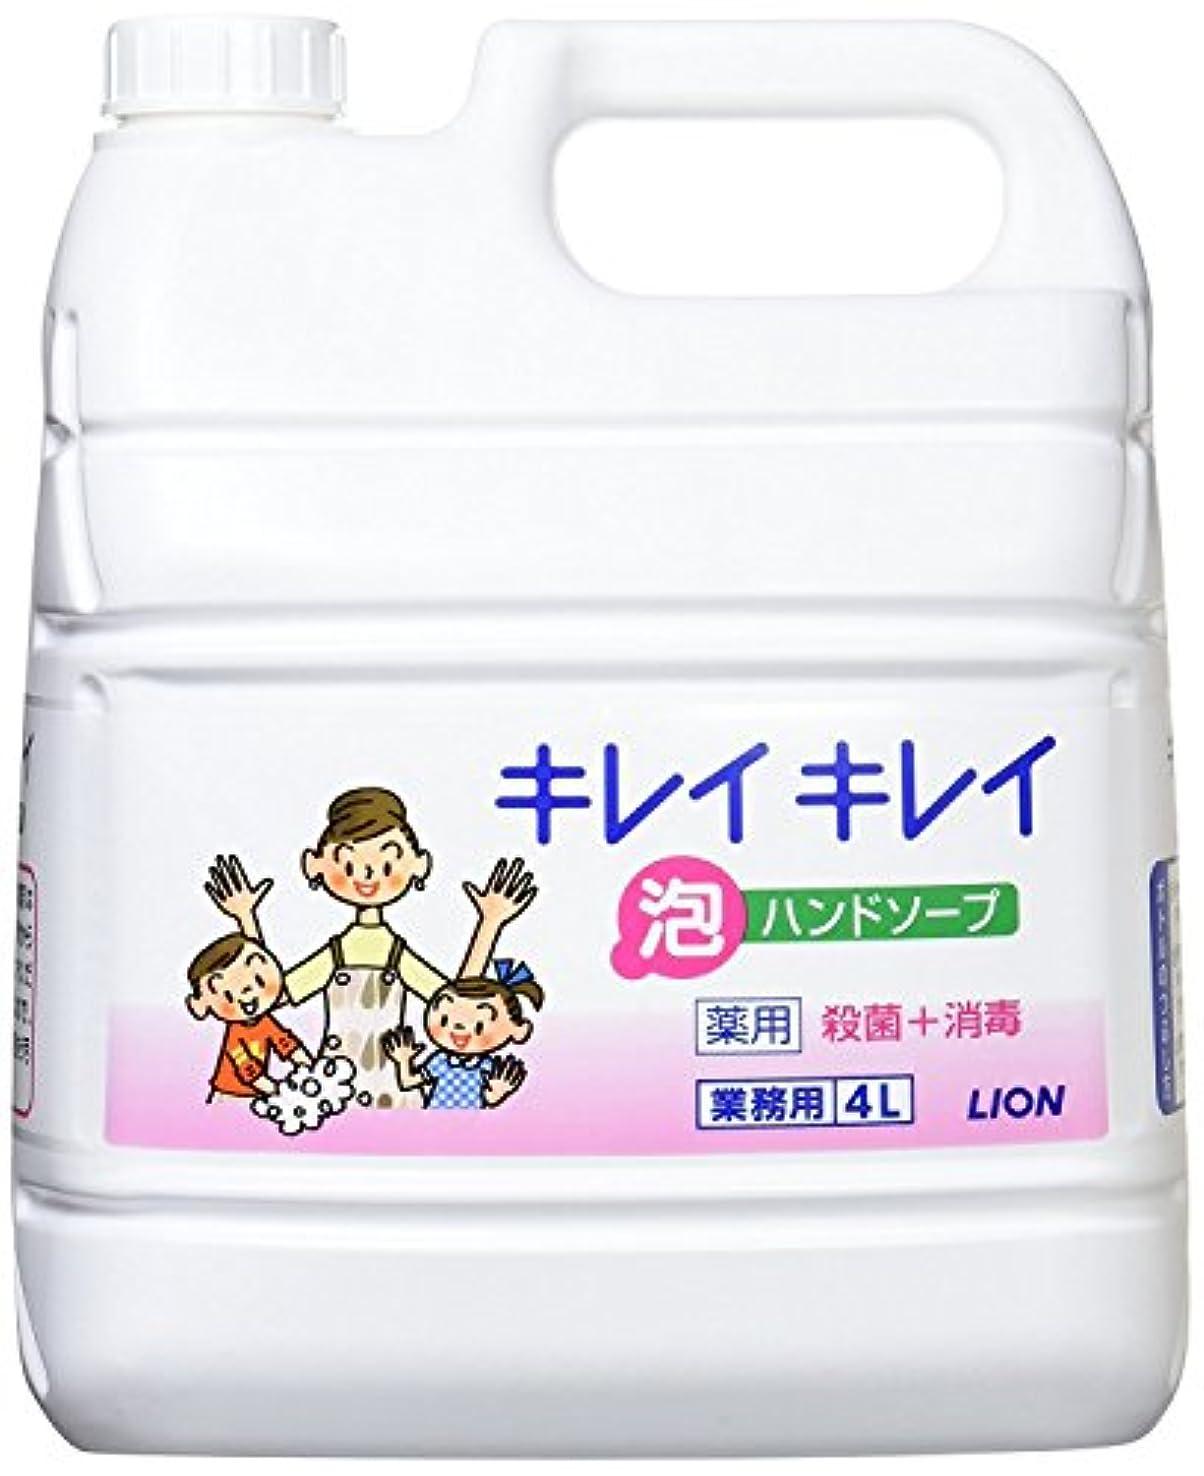 関連付ける広告する橋キレイキレイ薬用泡ハンドソープ4L